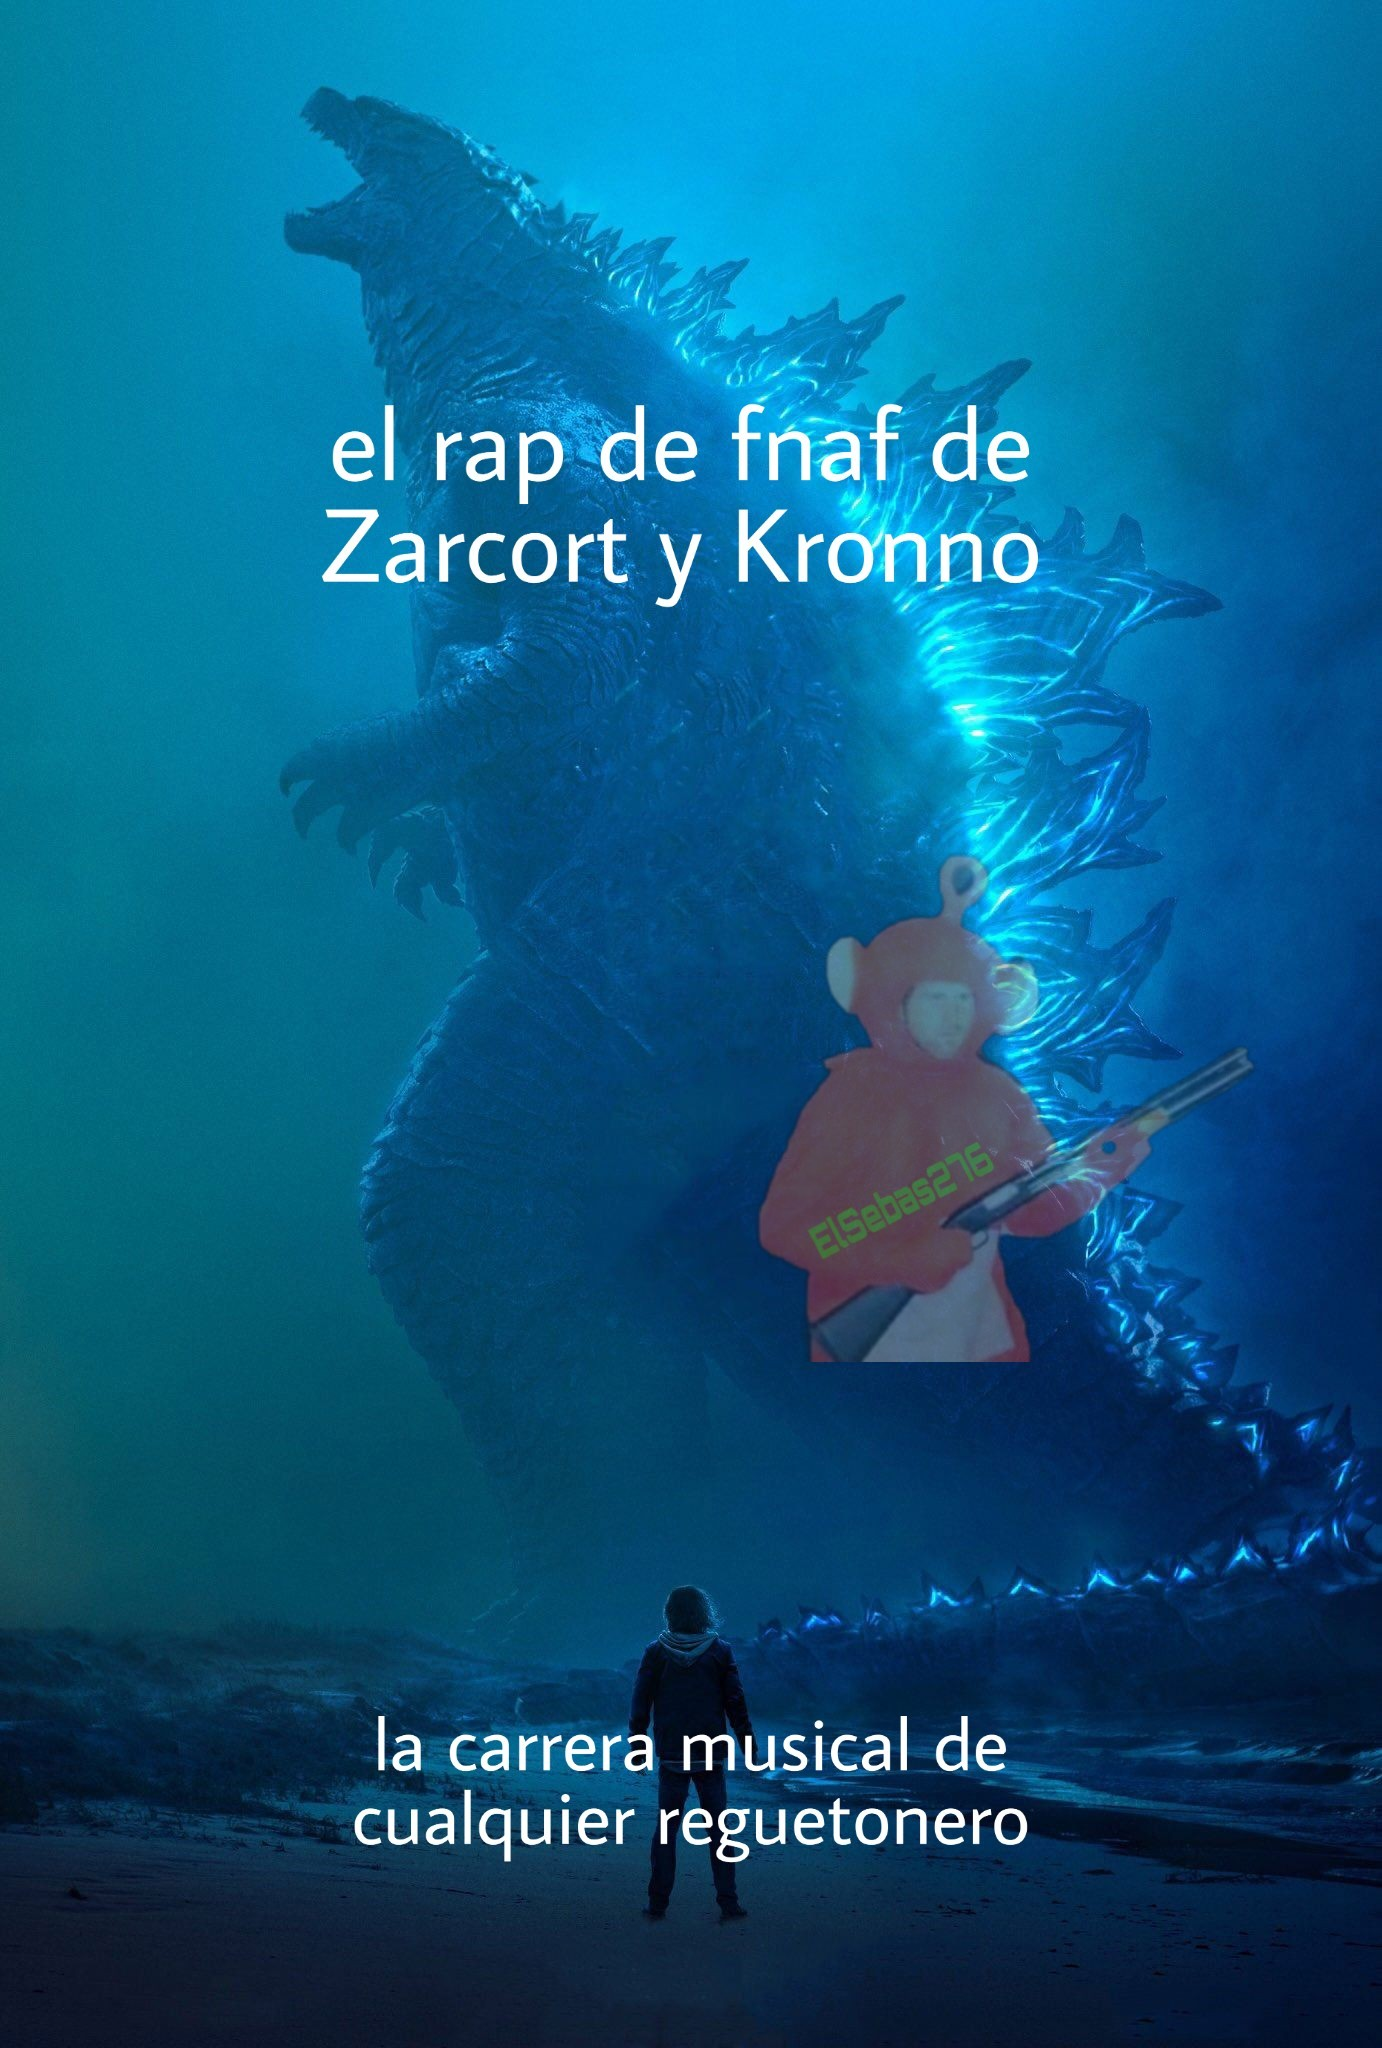 Épico - meme